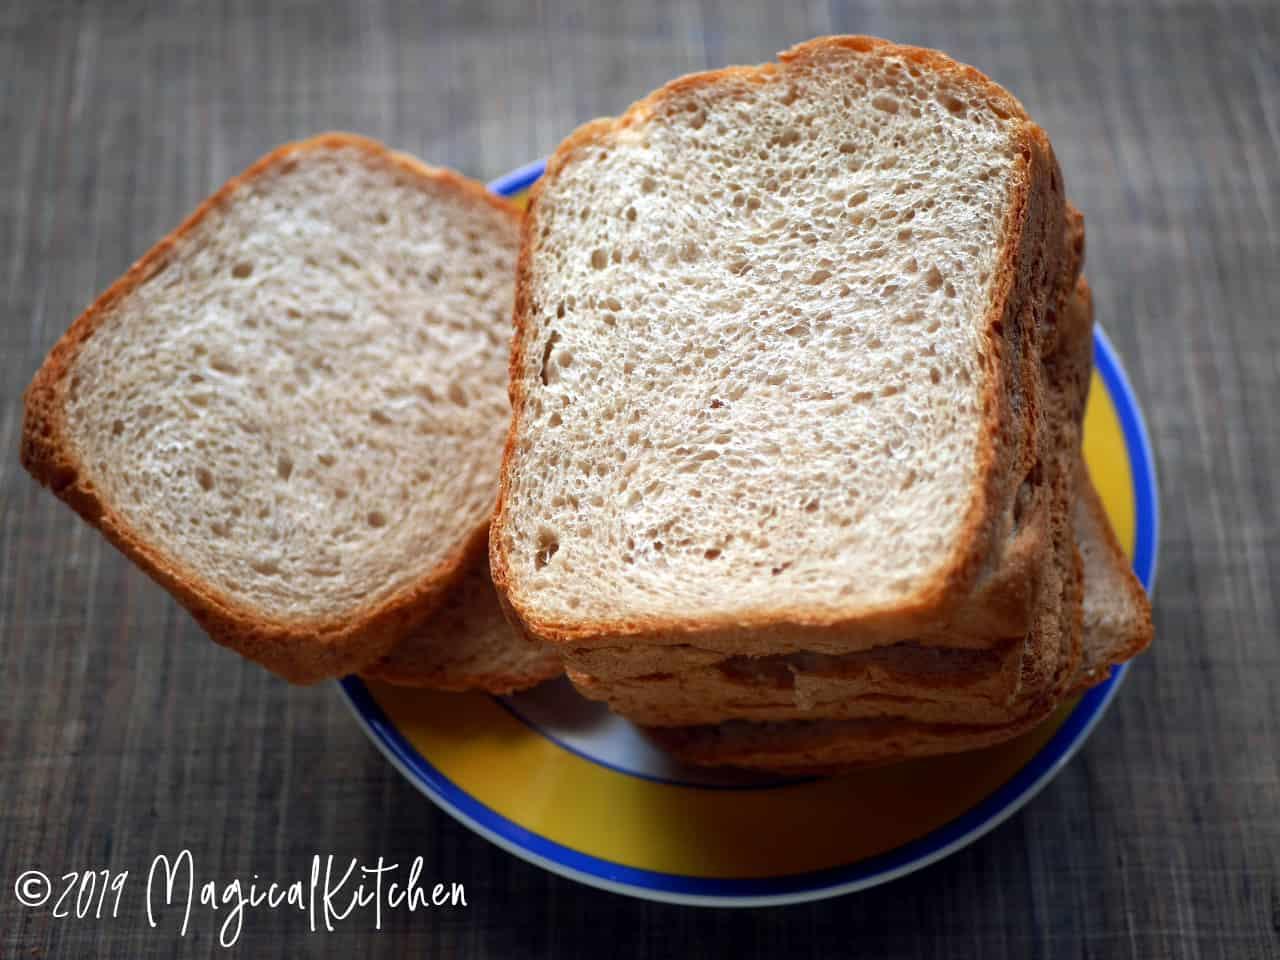 デイリー全粒粉食パン